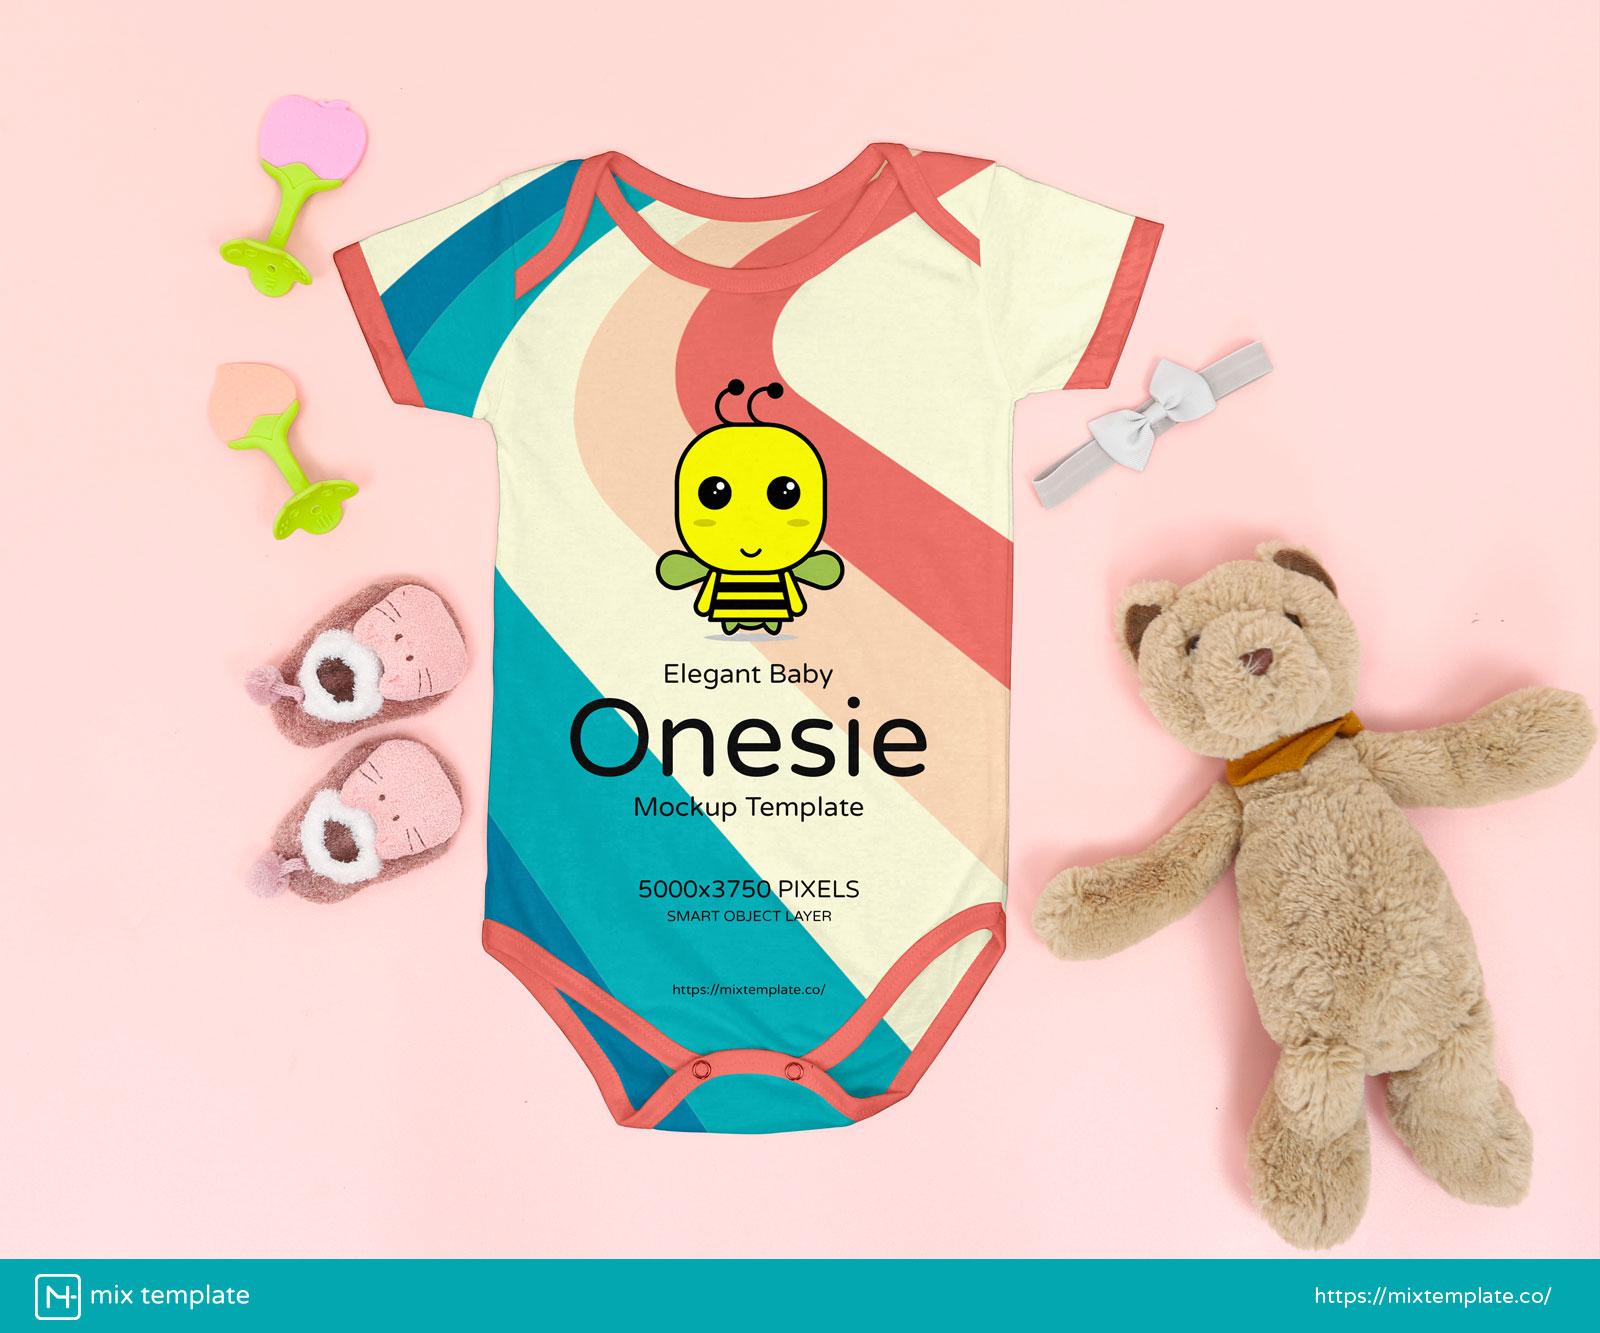 Free-Elegant-Baby-Onesie-Mockup-Template-38